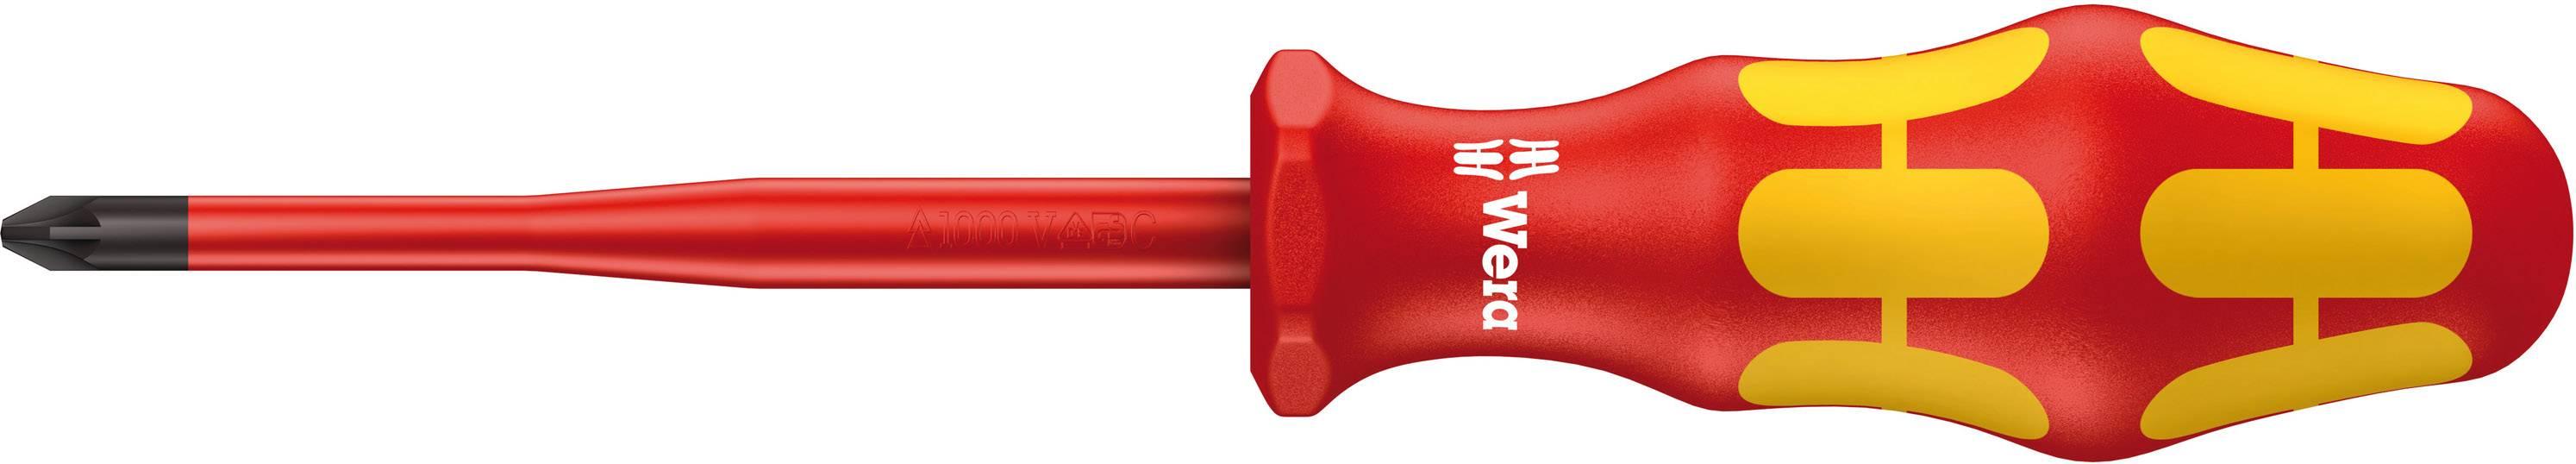 Křížový šroubovák Wera VDE PZ 1 x 80 mm